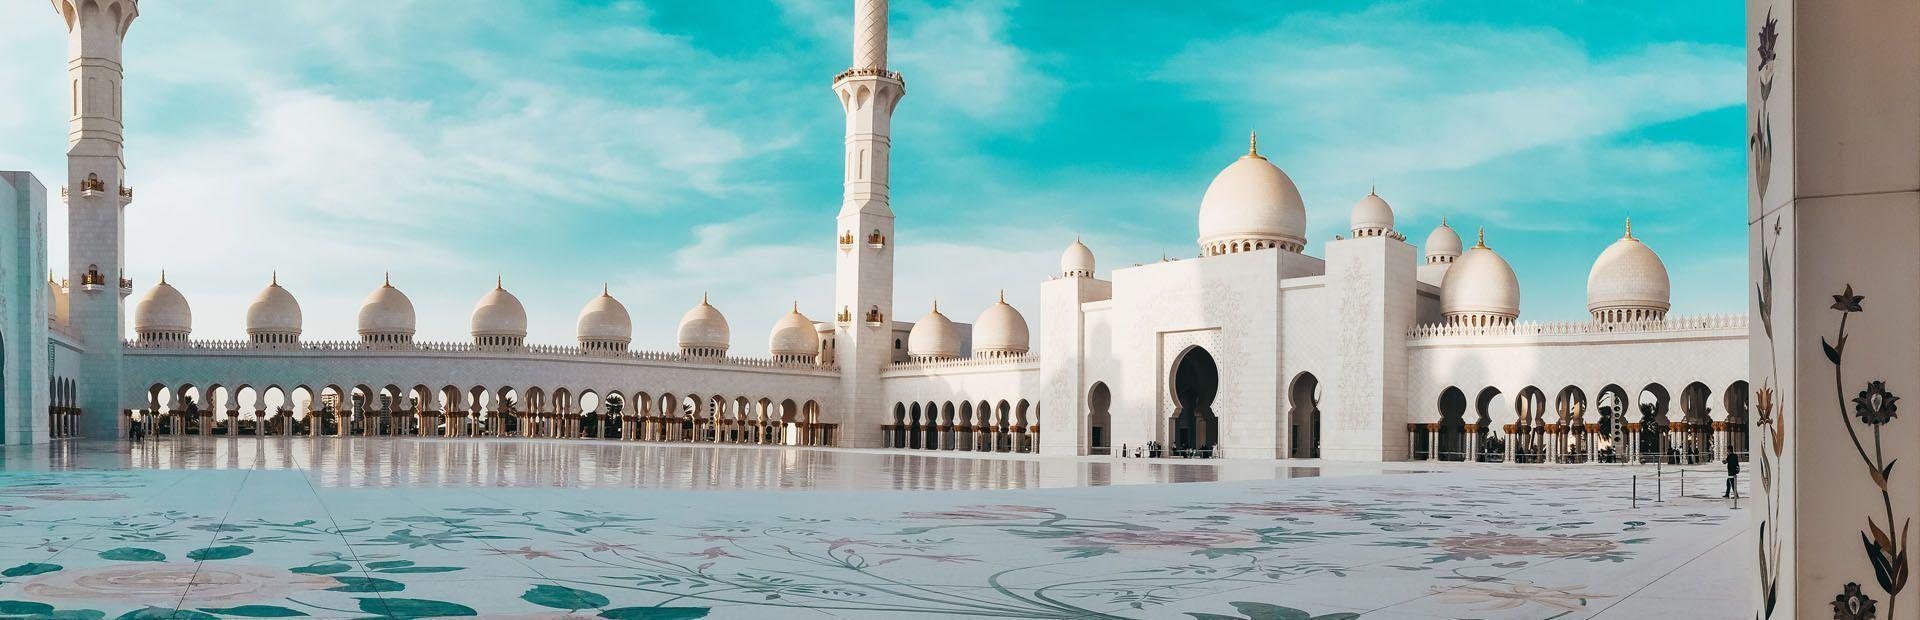 Emiratos Arabes Unidos: de Dubai a Abu Dhabi